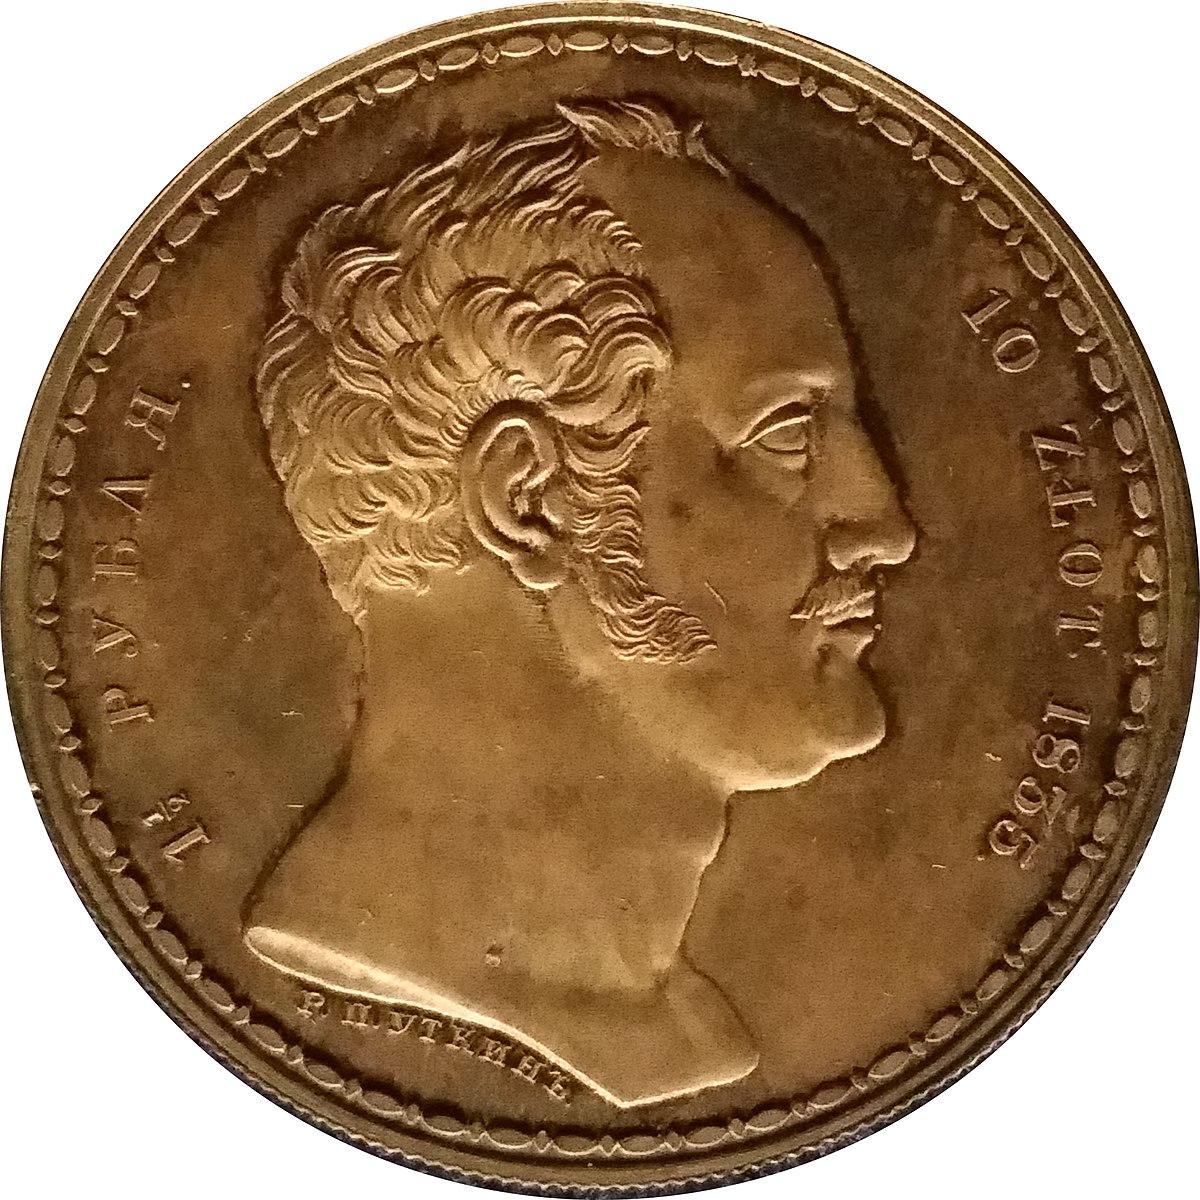 File:Rubel familijny (półtora rubla - 10 złotych) 1835.jpg - Wikimedia Commons